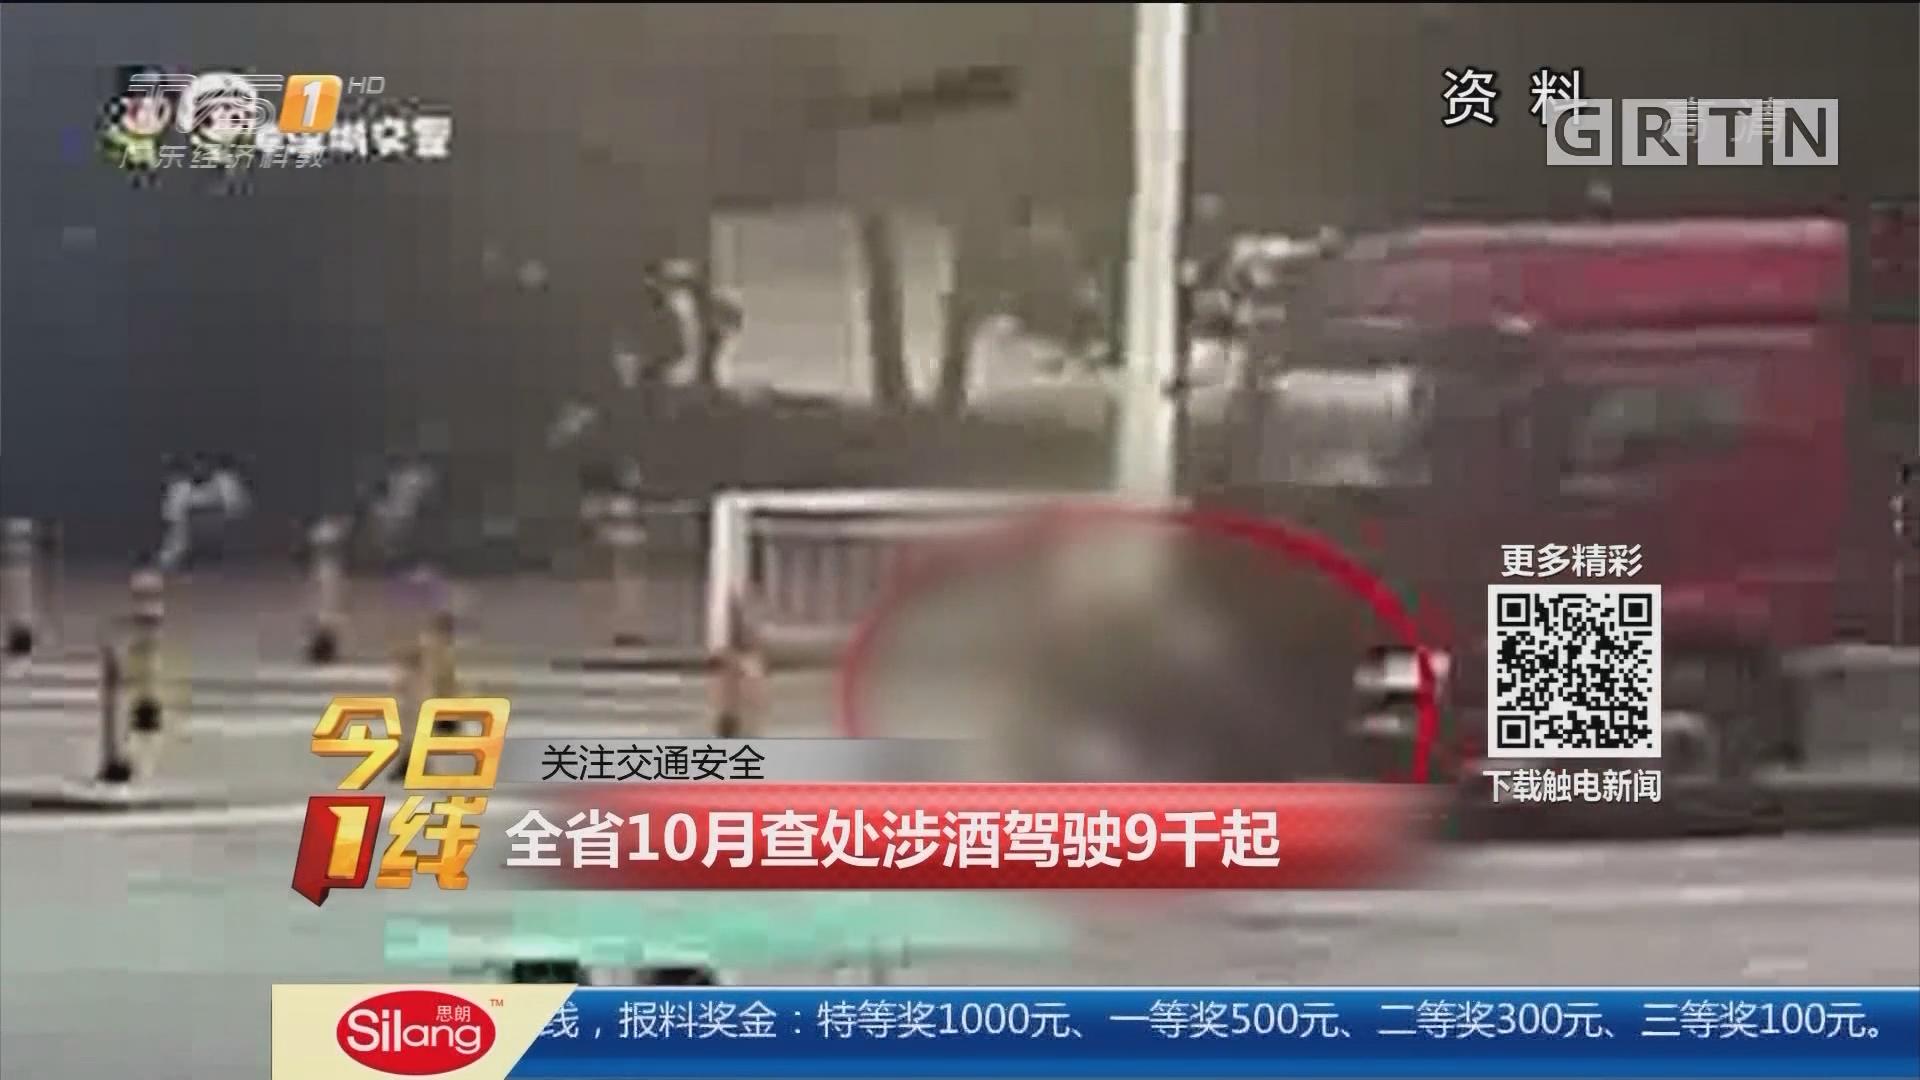 关注交通安全:全省10月查处涉酒驾驶9千起